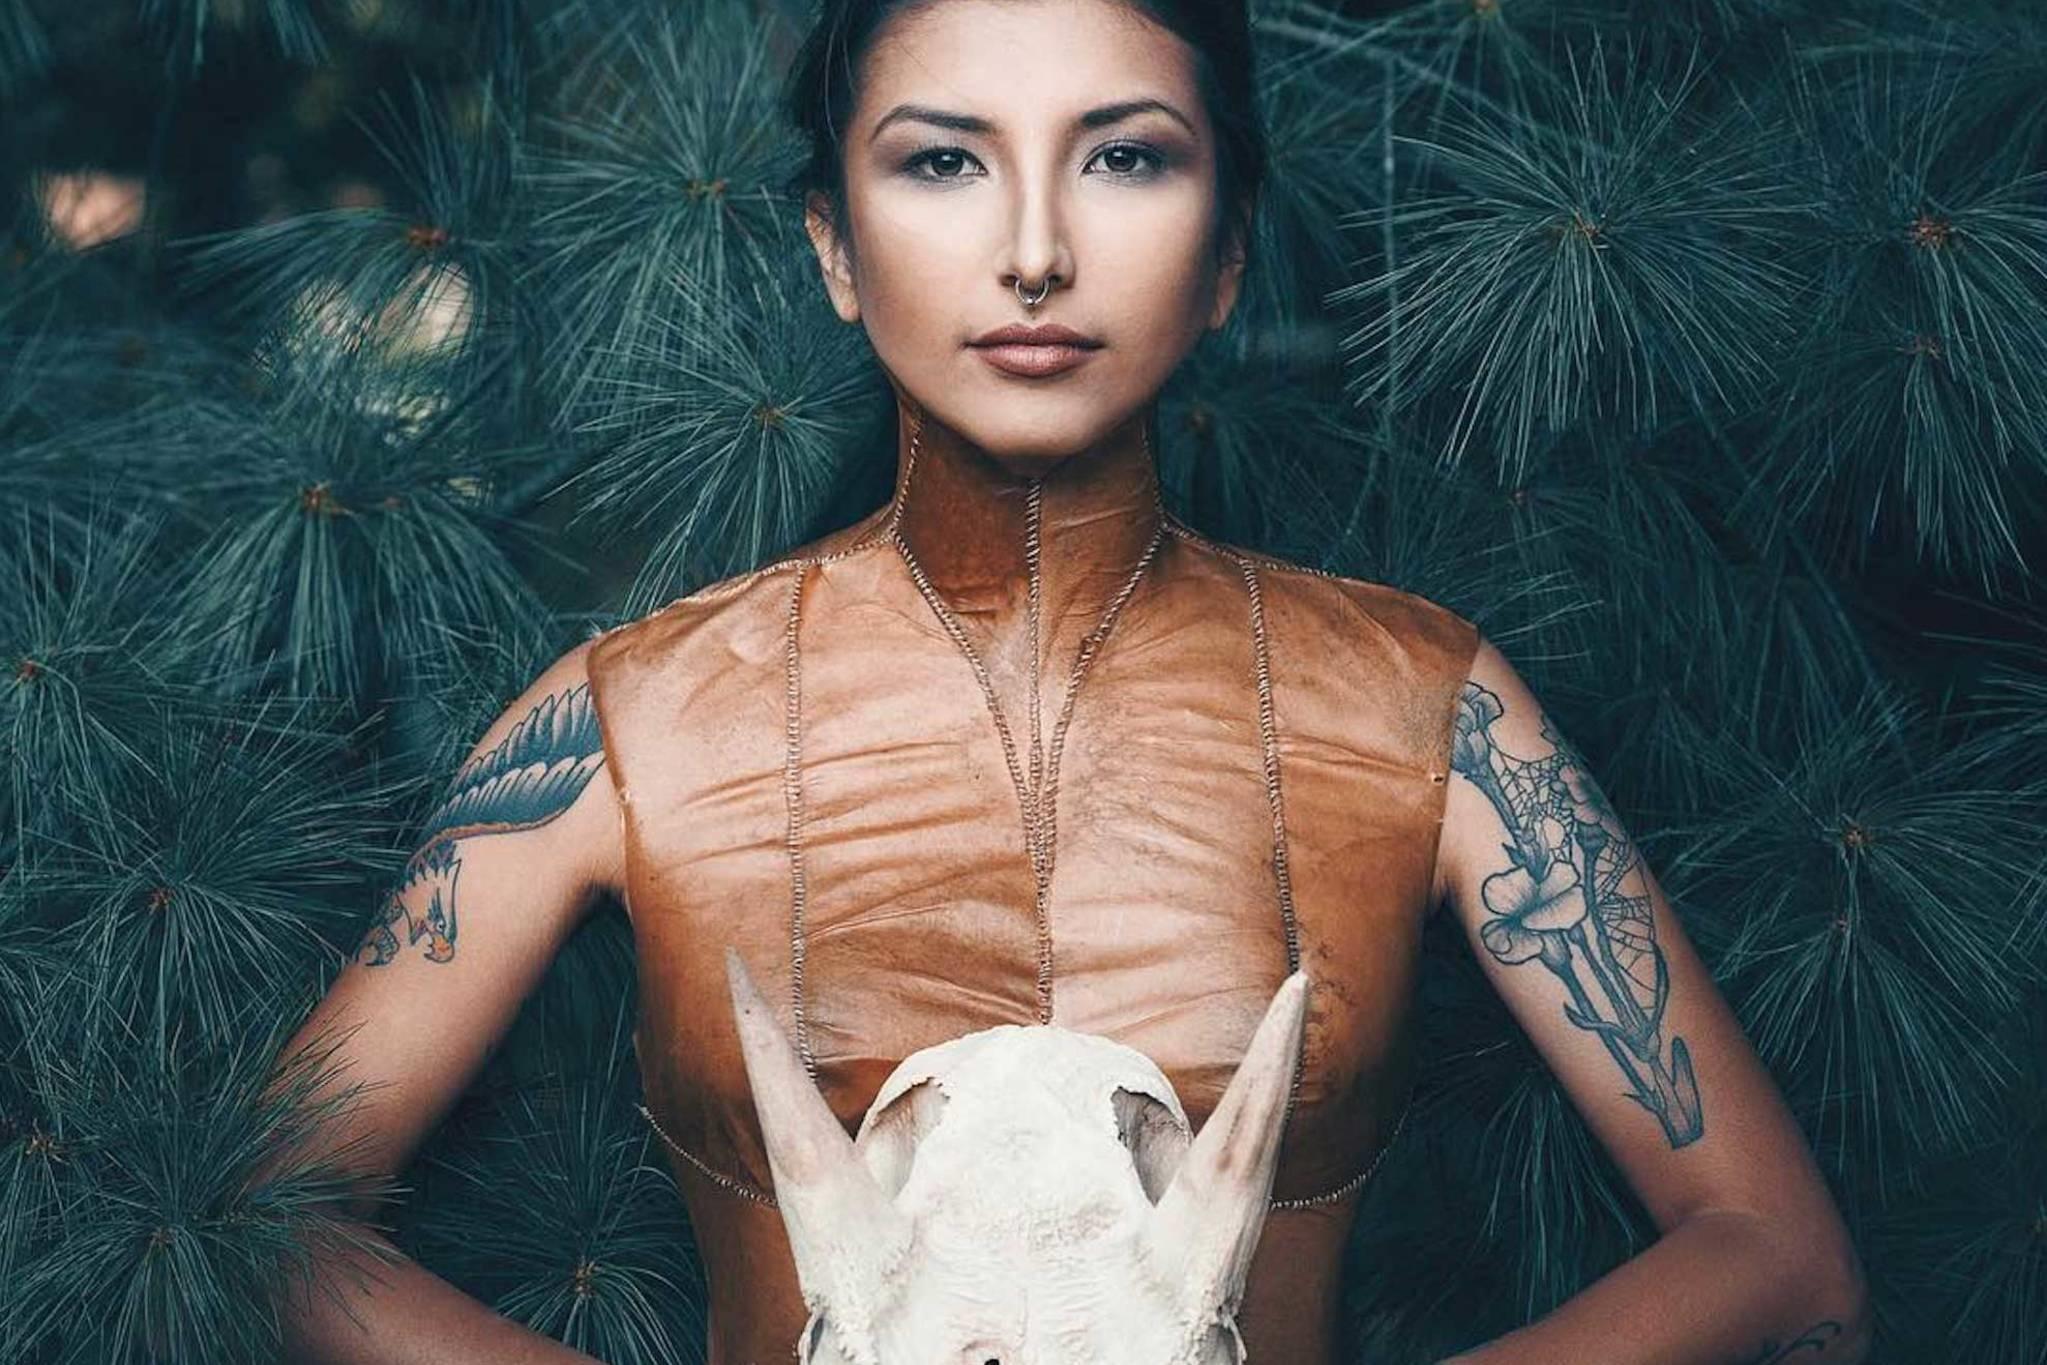 Auf der ersten indigenen Fashion Week in Toronto präsentieren indigene Designer ihre Kreationen